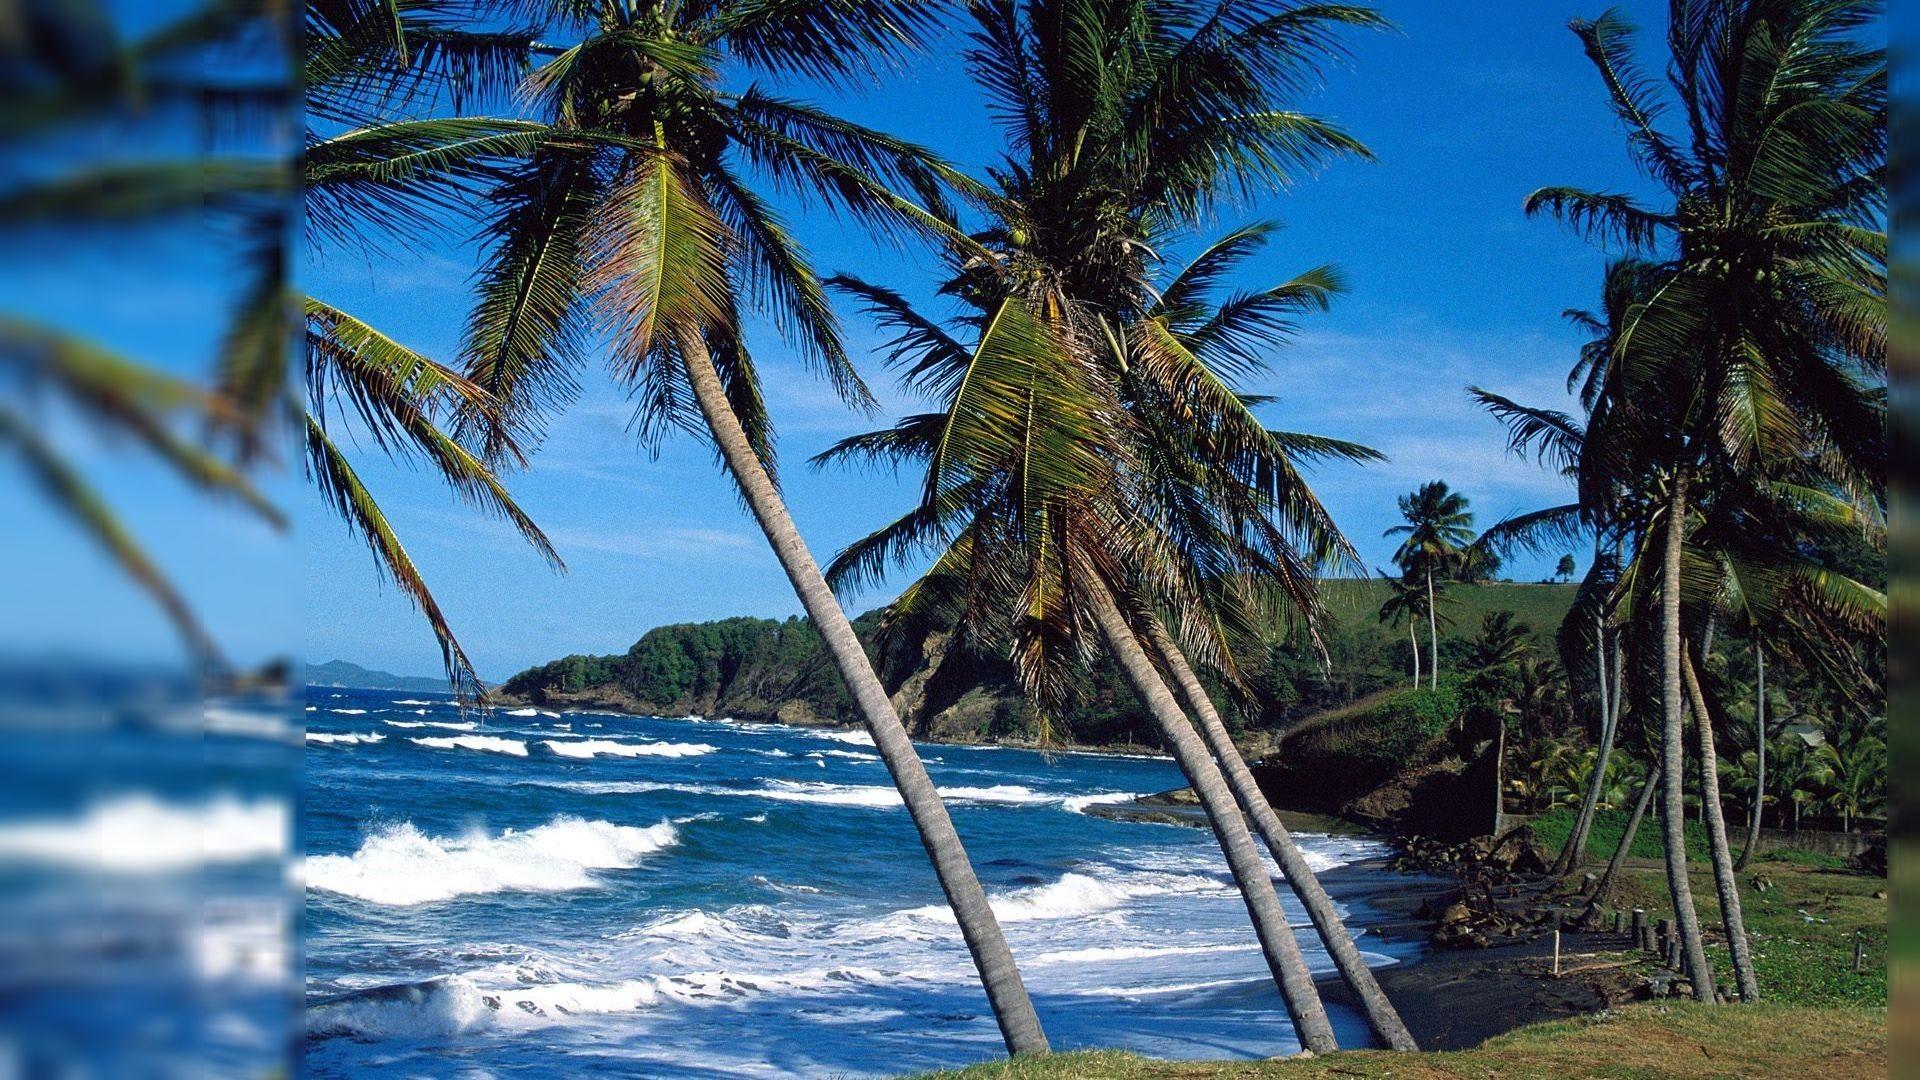 Puerto Rico #2451438